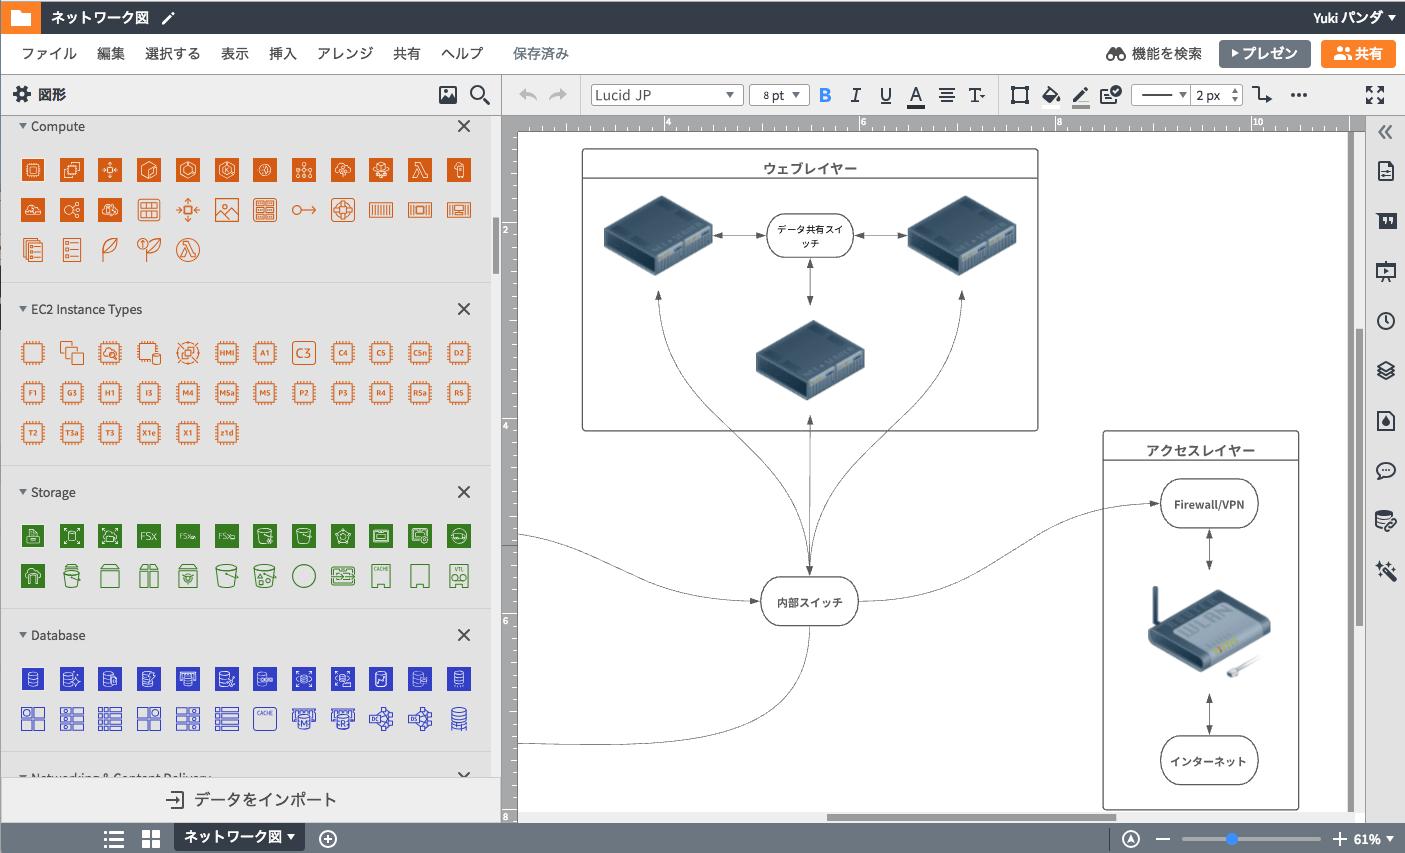 テンプレートやアイコンも豊富なネットワーク図ツール